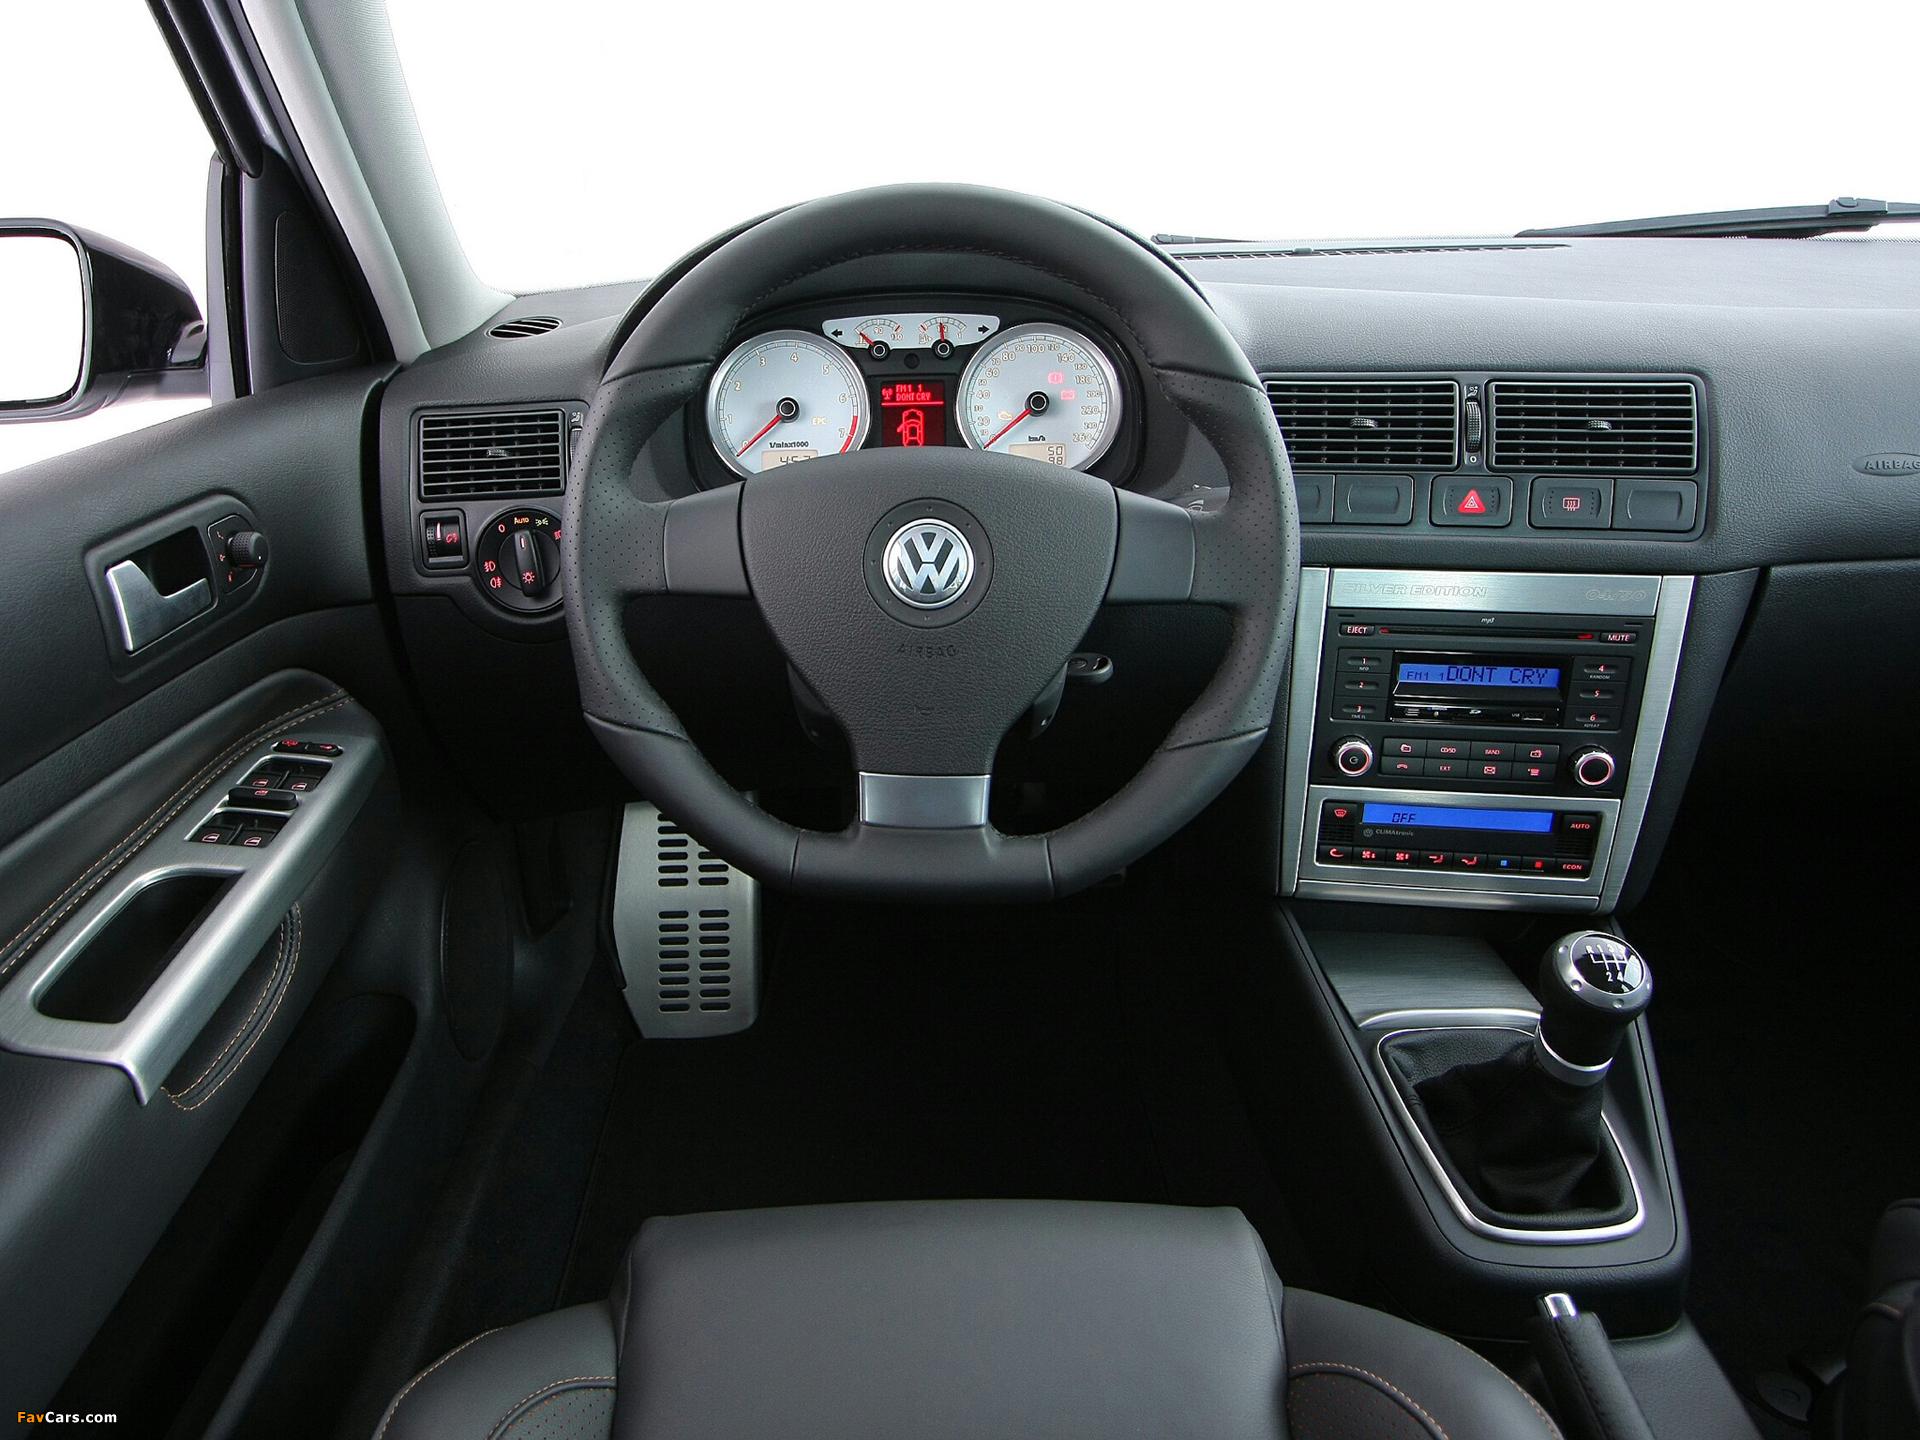 Стрелка тахометра на приборной панели Volkswagen Golf IV не опускается ниже 1200 оборотов